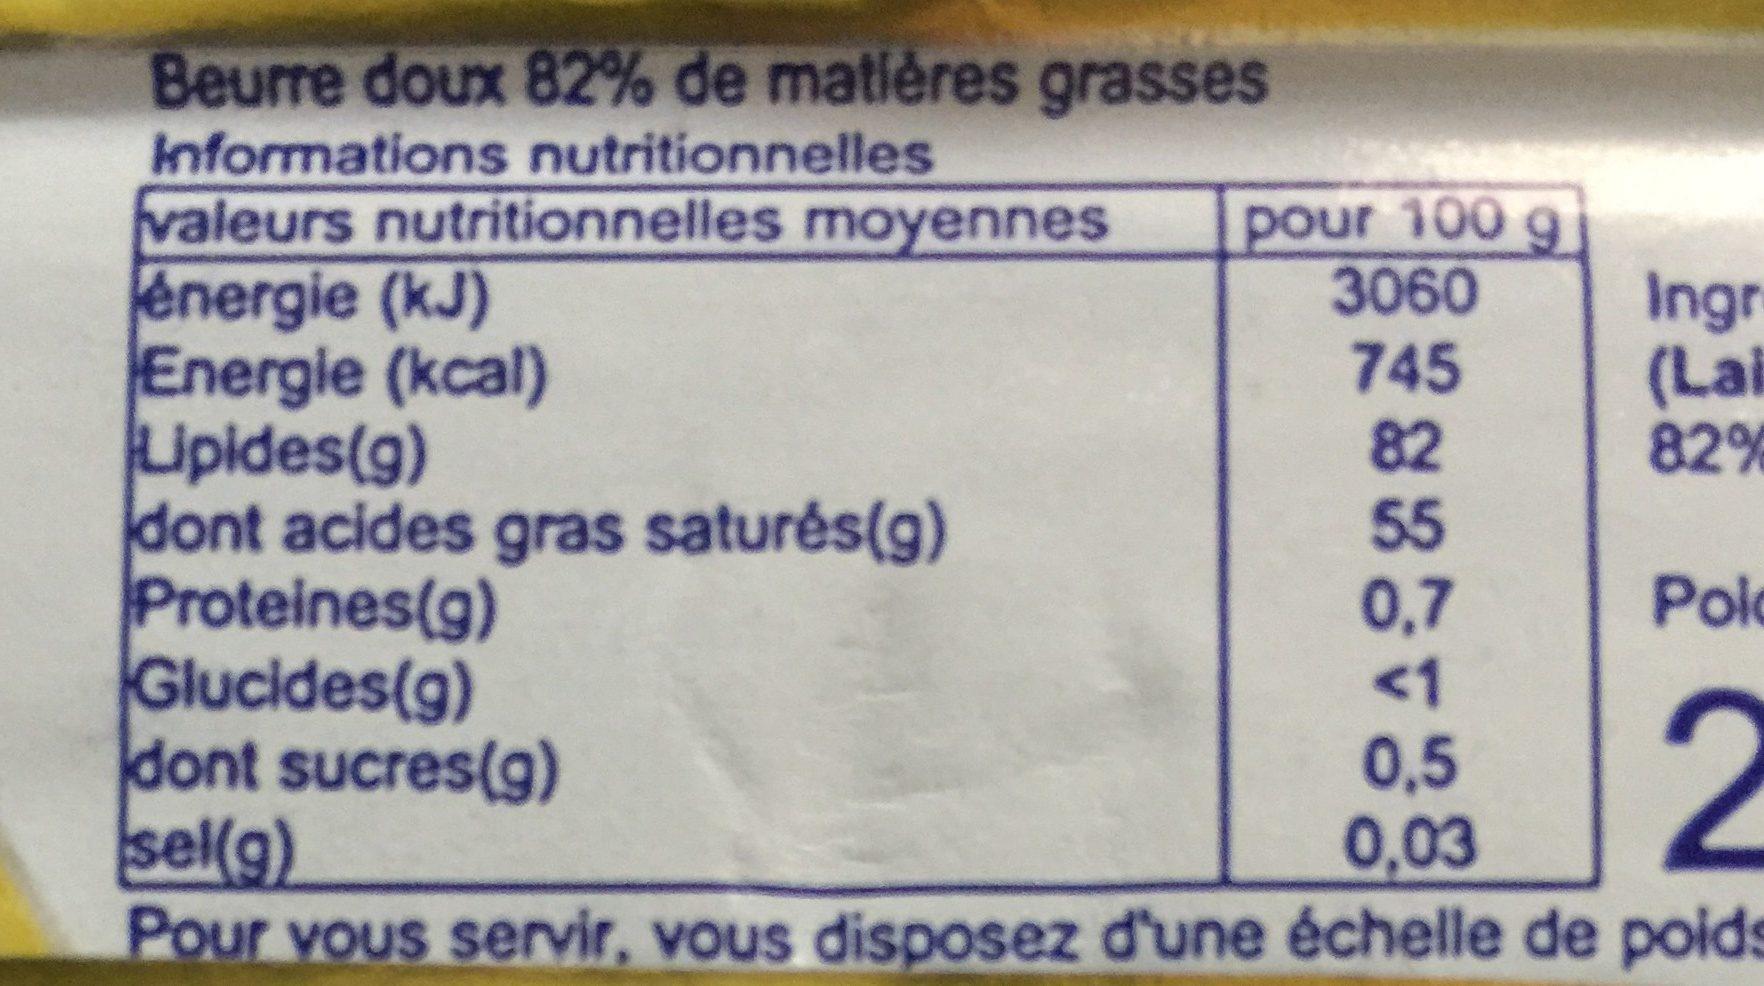 Beurre doux - Nutrition facts - fr